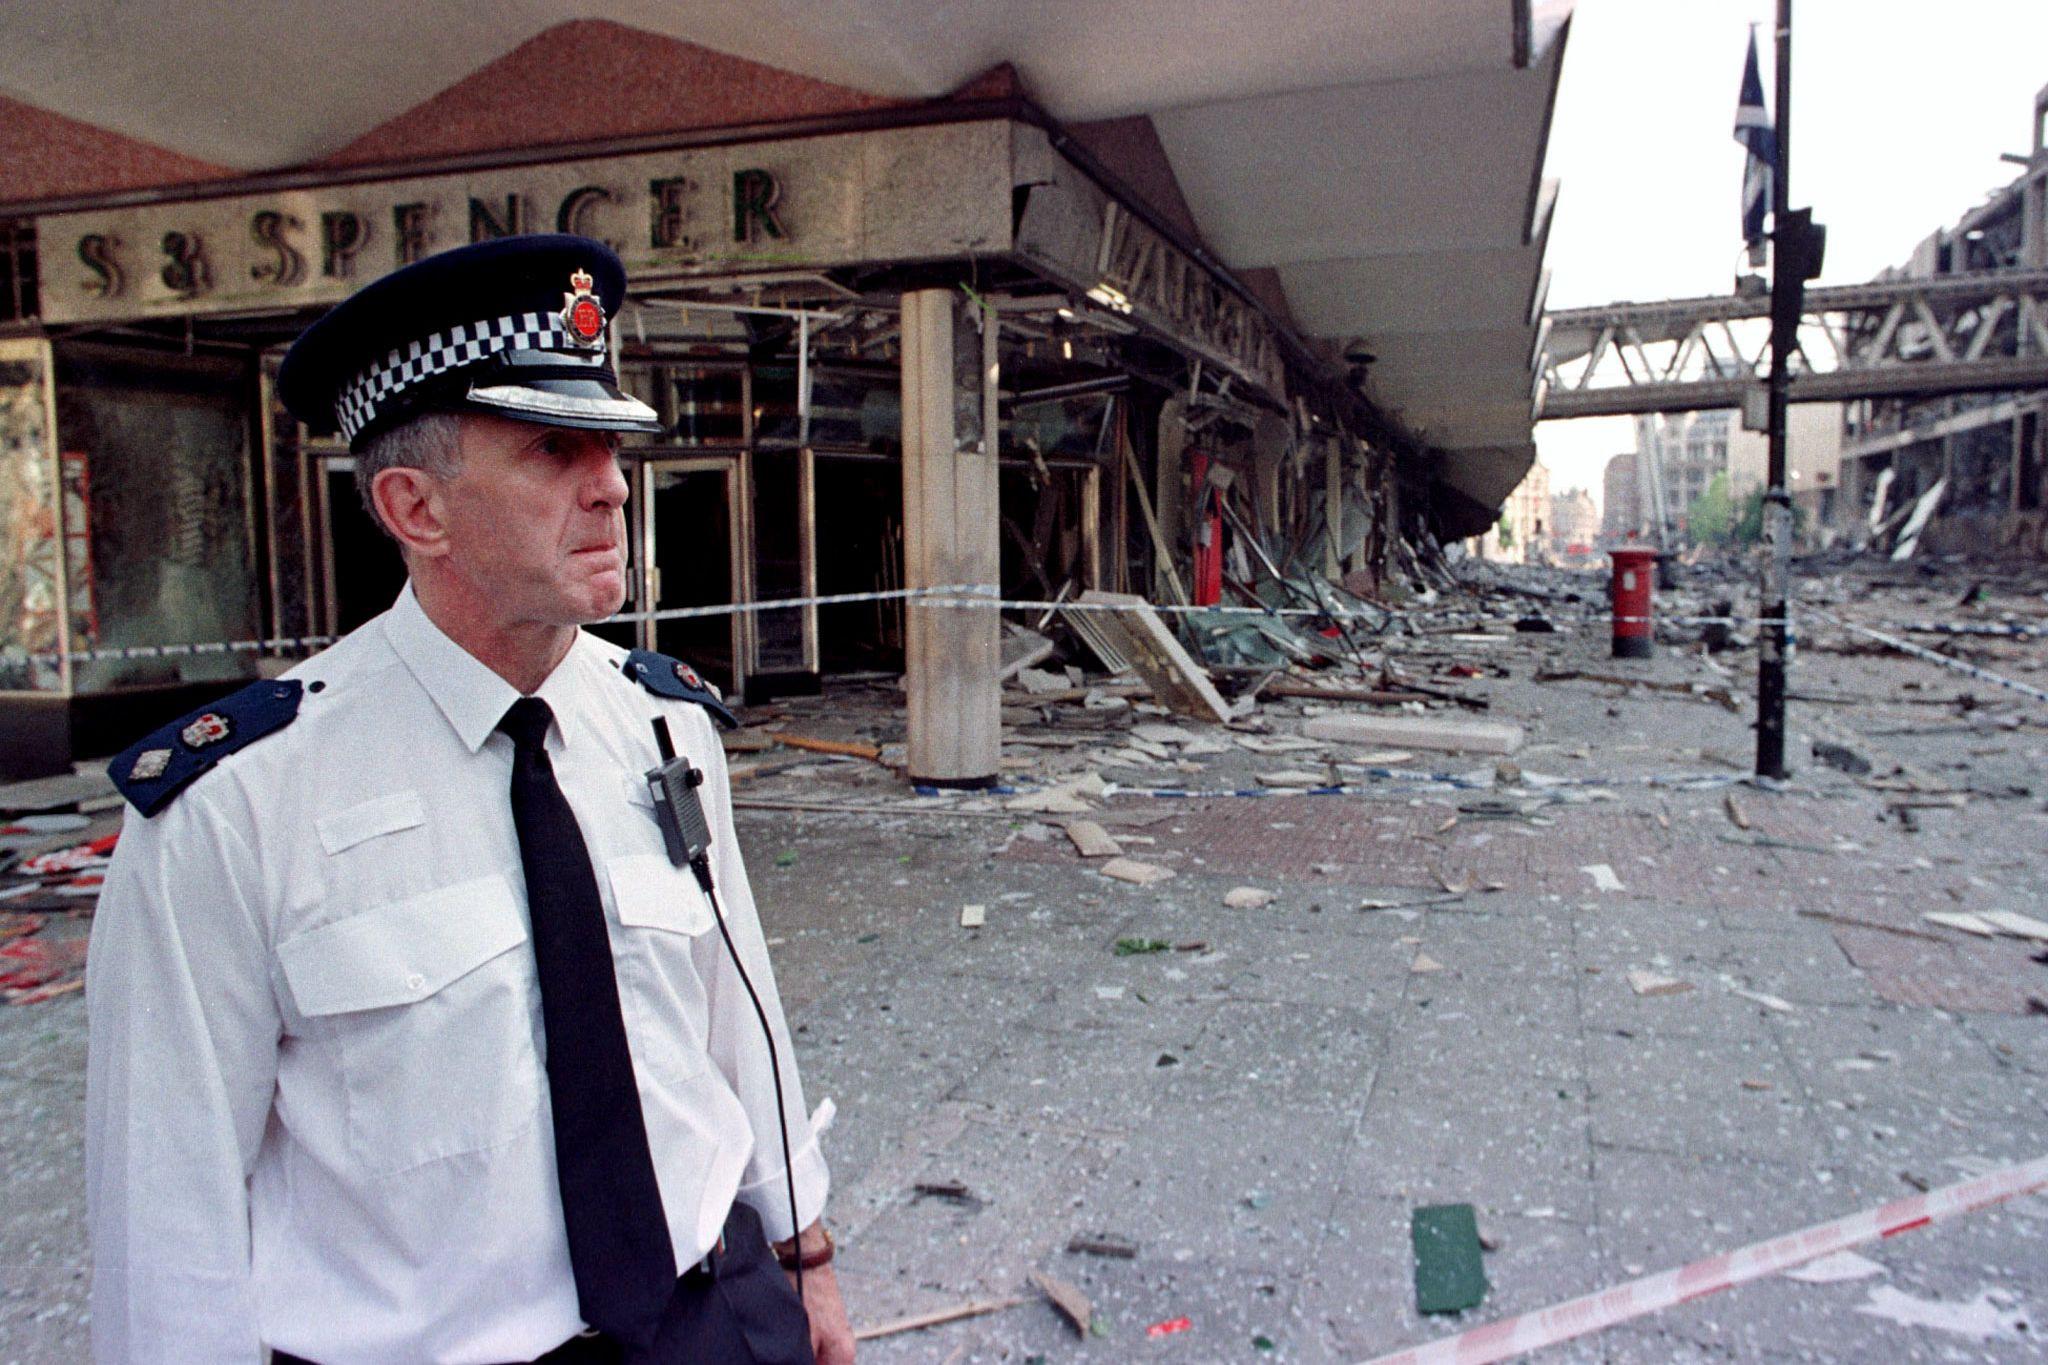 Sabiam que a bomba explodiria, mas não foram embora sem avisar as pessoas